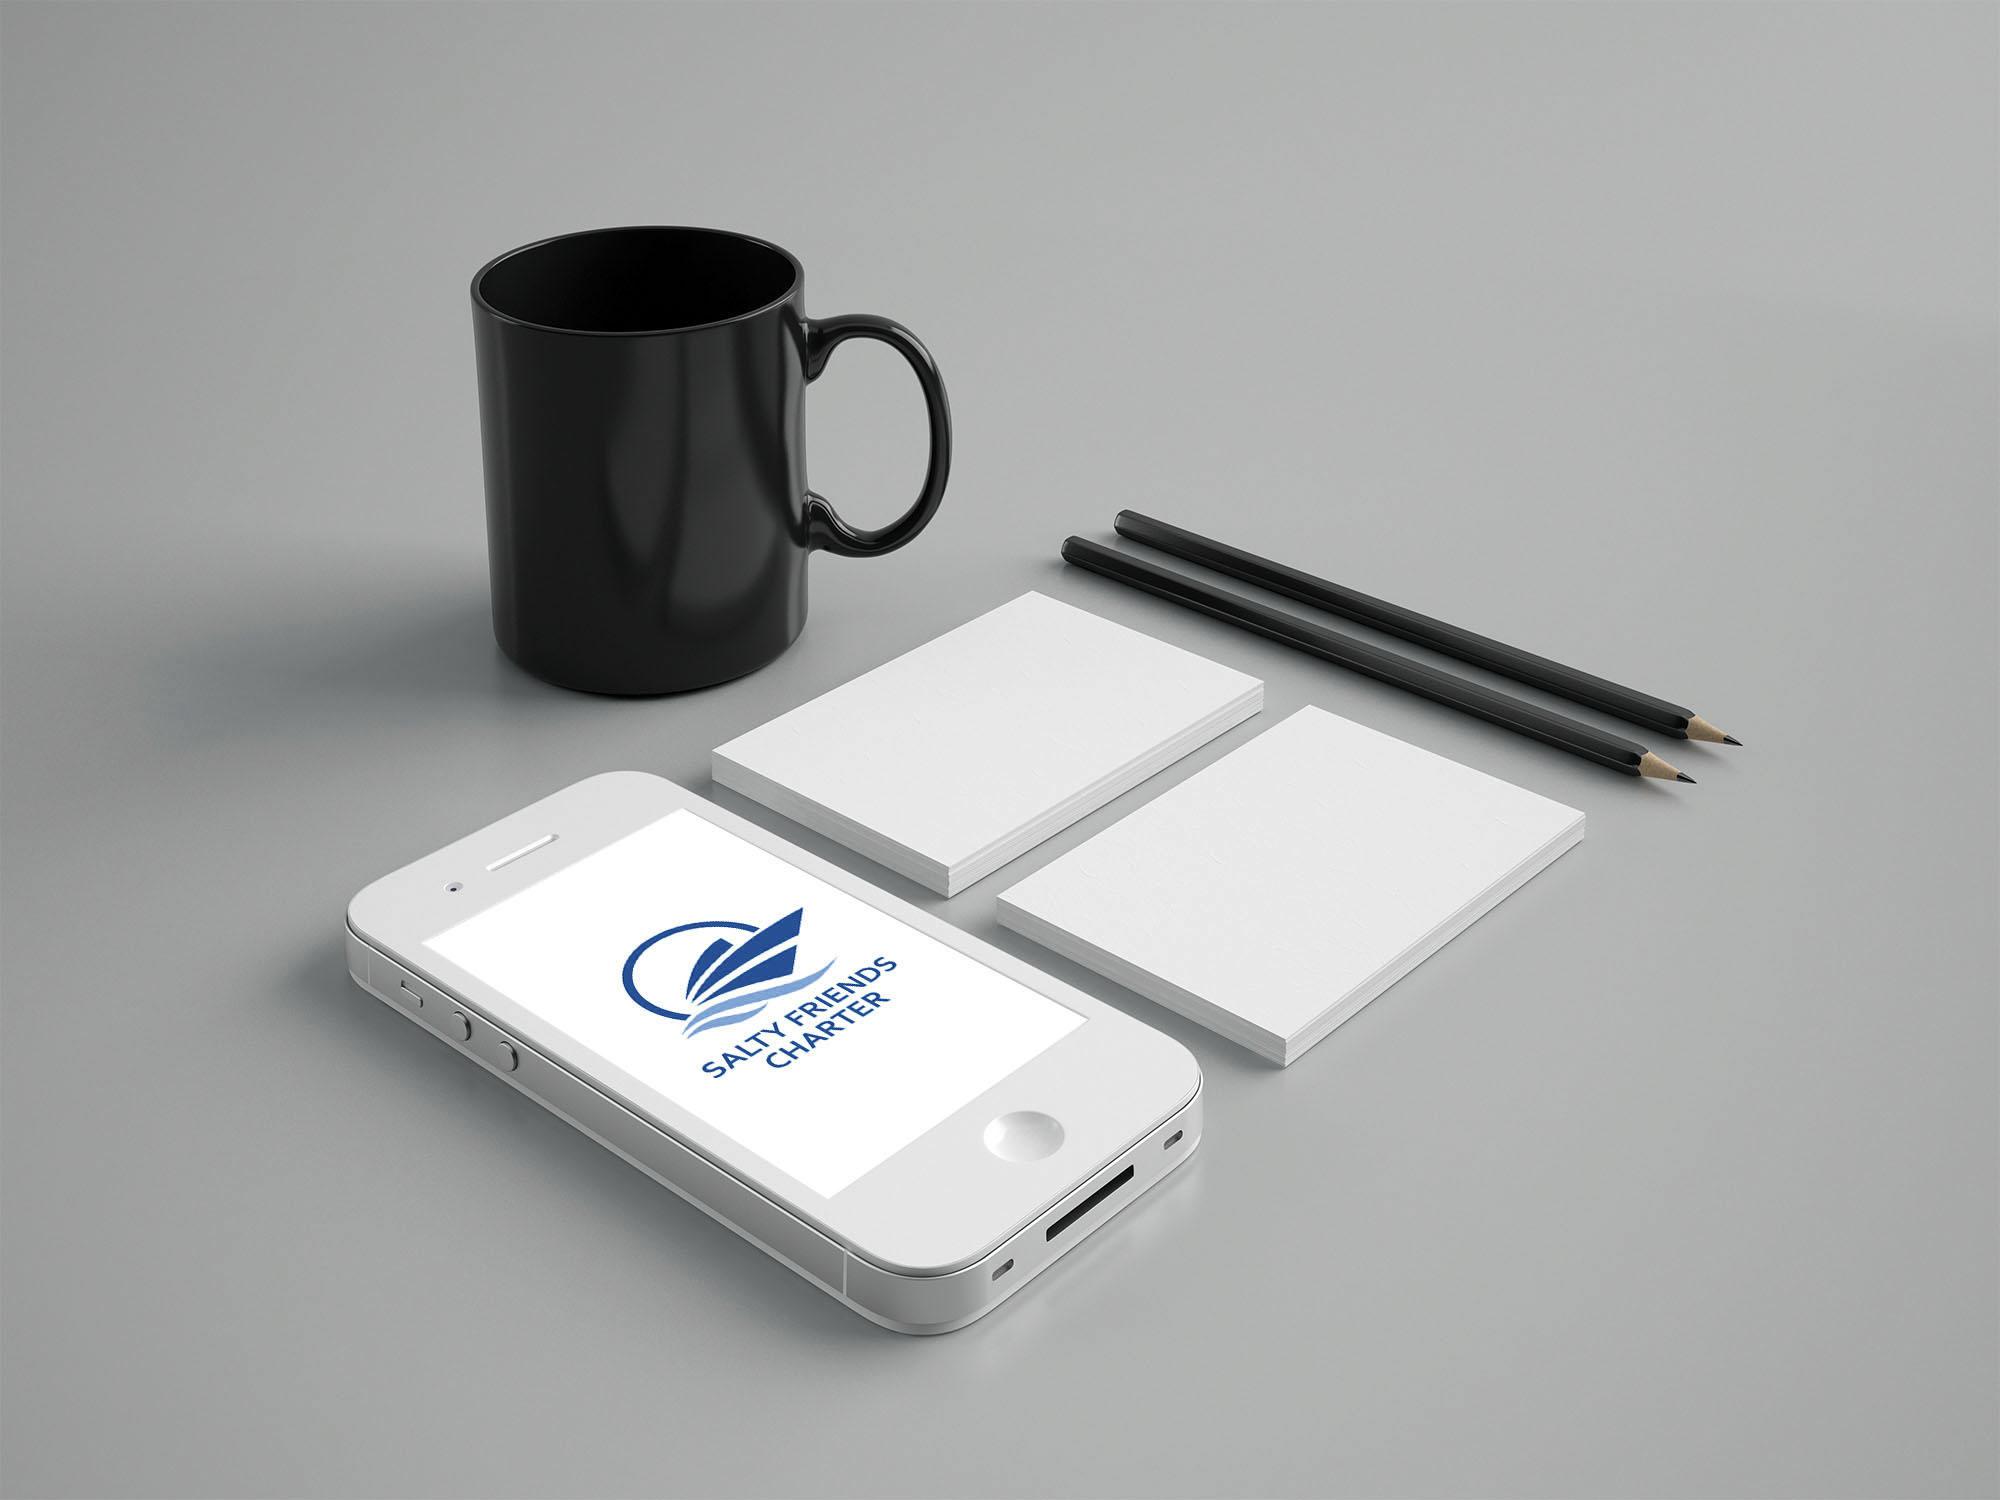 Разработка логотипа и наименования для чартерной компании  фото f_9925a96ca8183ec6.jpg